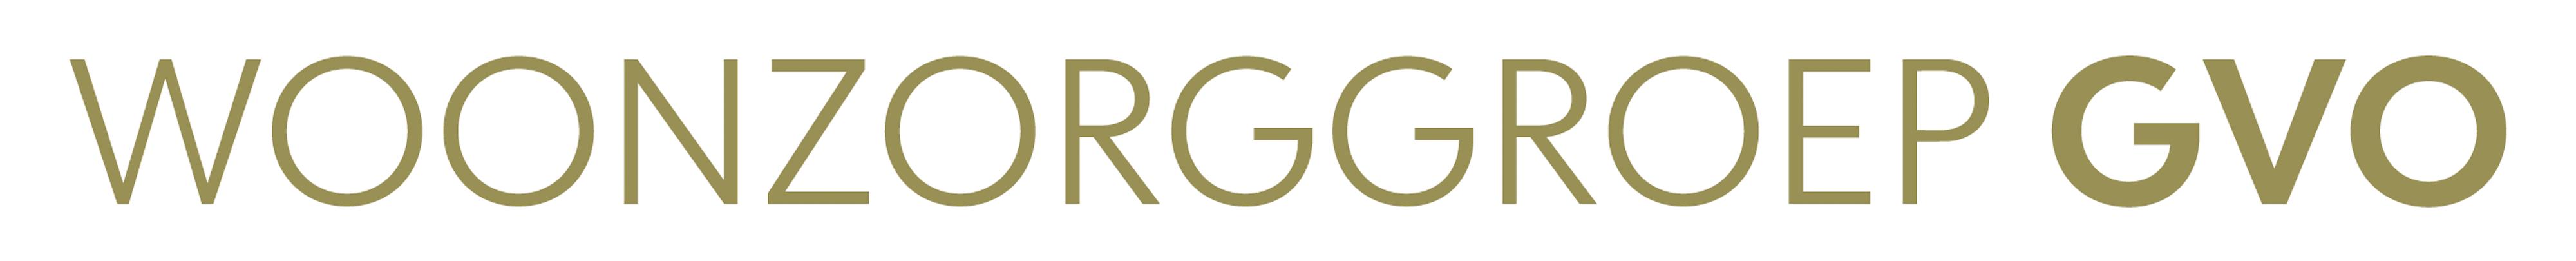 Woonzorggroep GVO logo